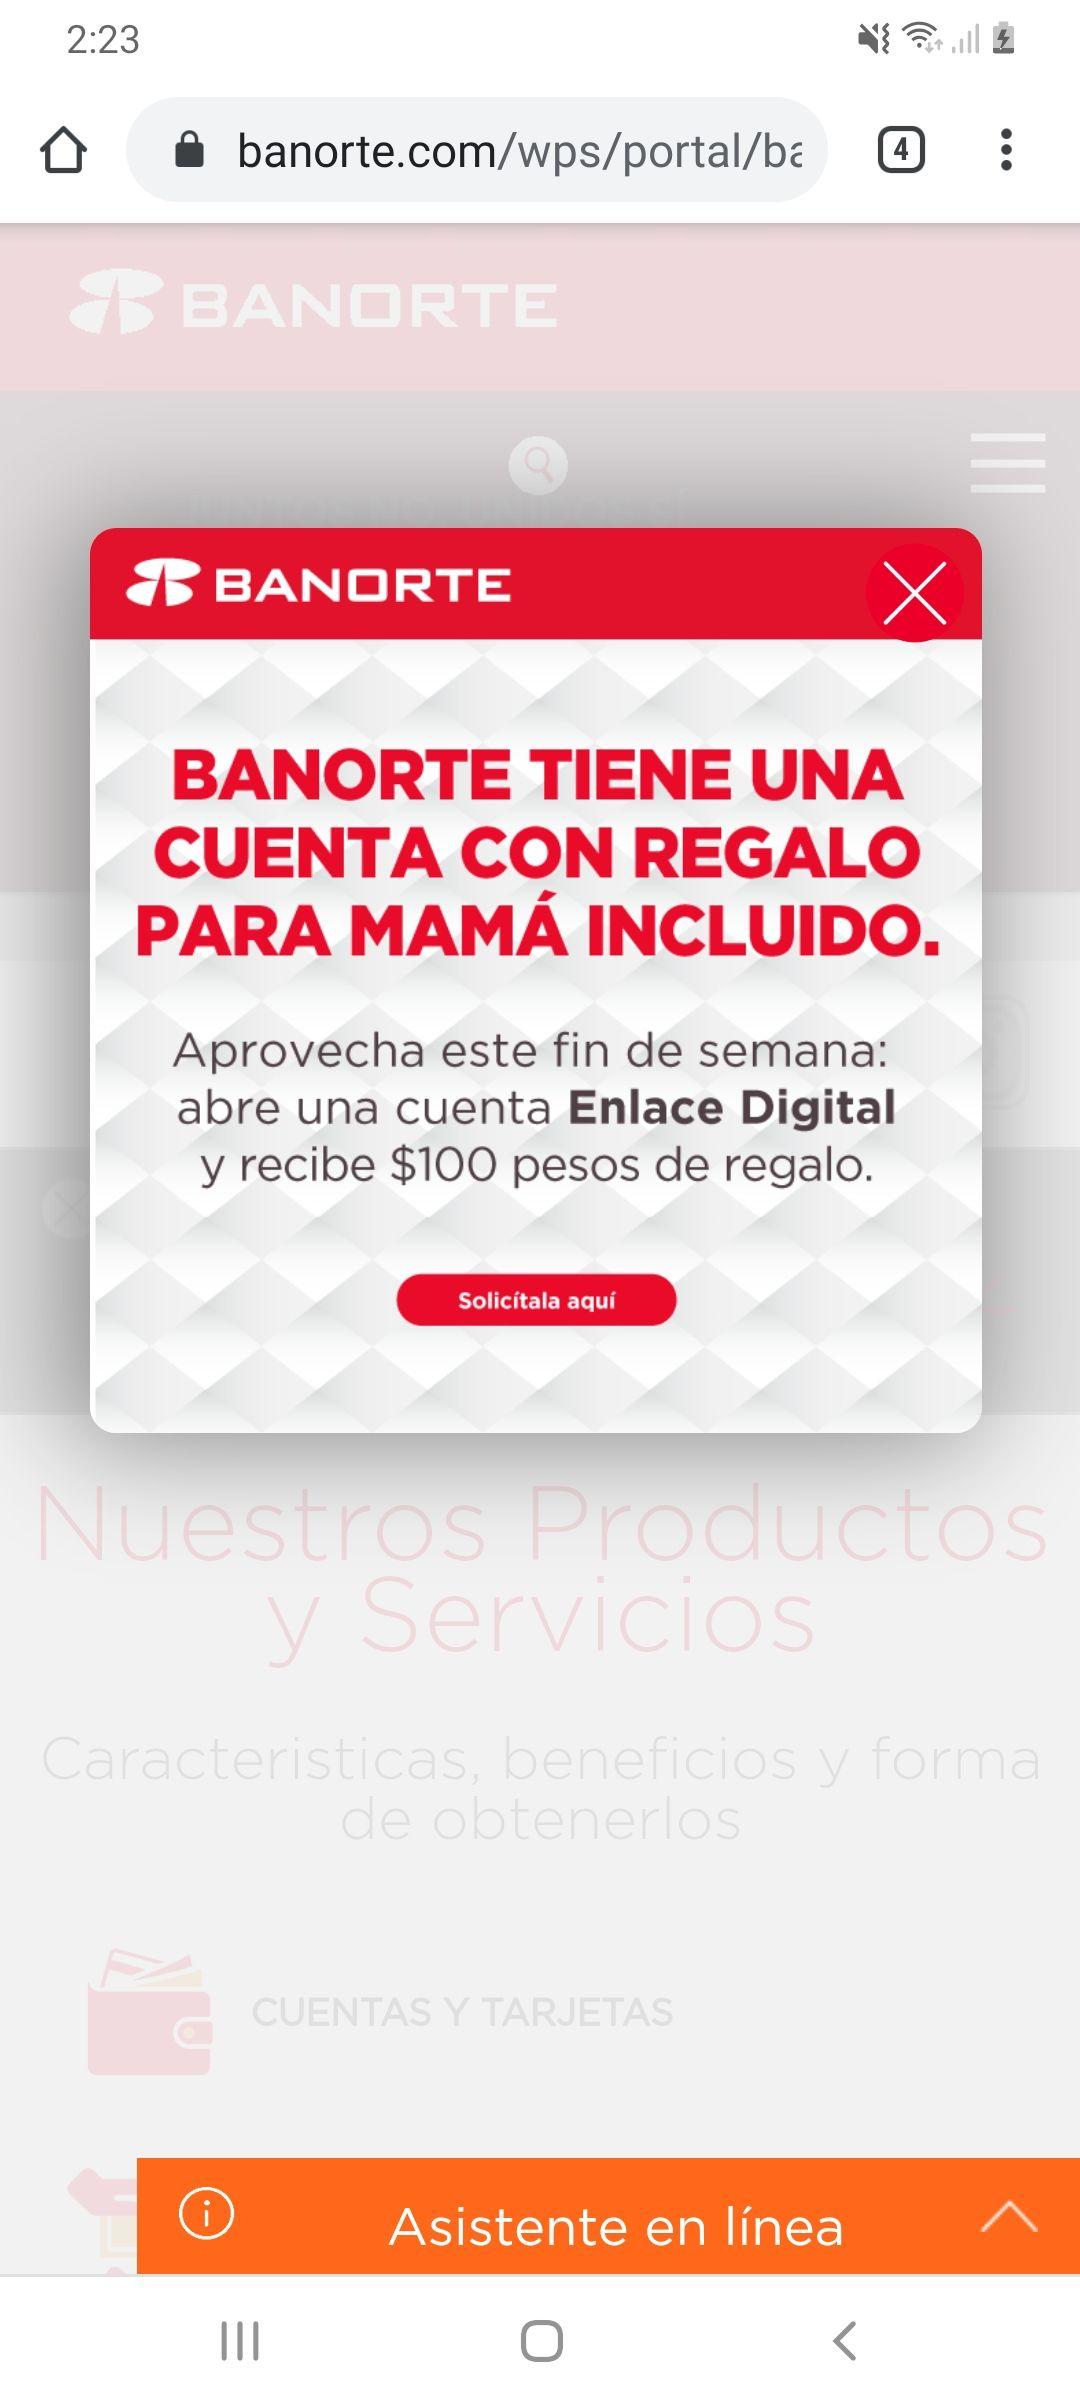 Banorte: abre cuenta enlace digital Banorte y te regala 100 pesos